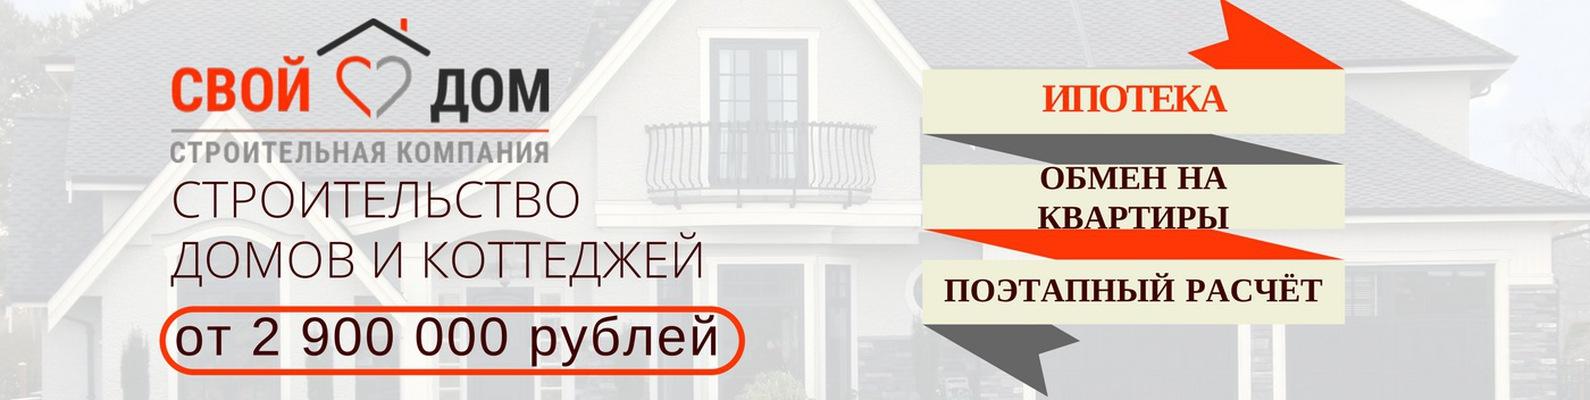 Ооо курская строительная компания контакты строительные материалы цемент цена